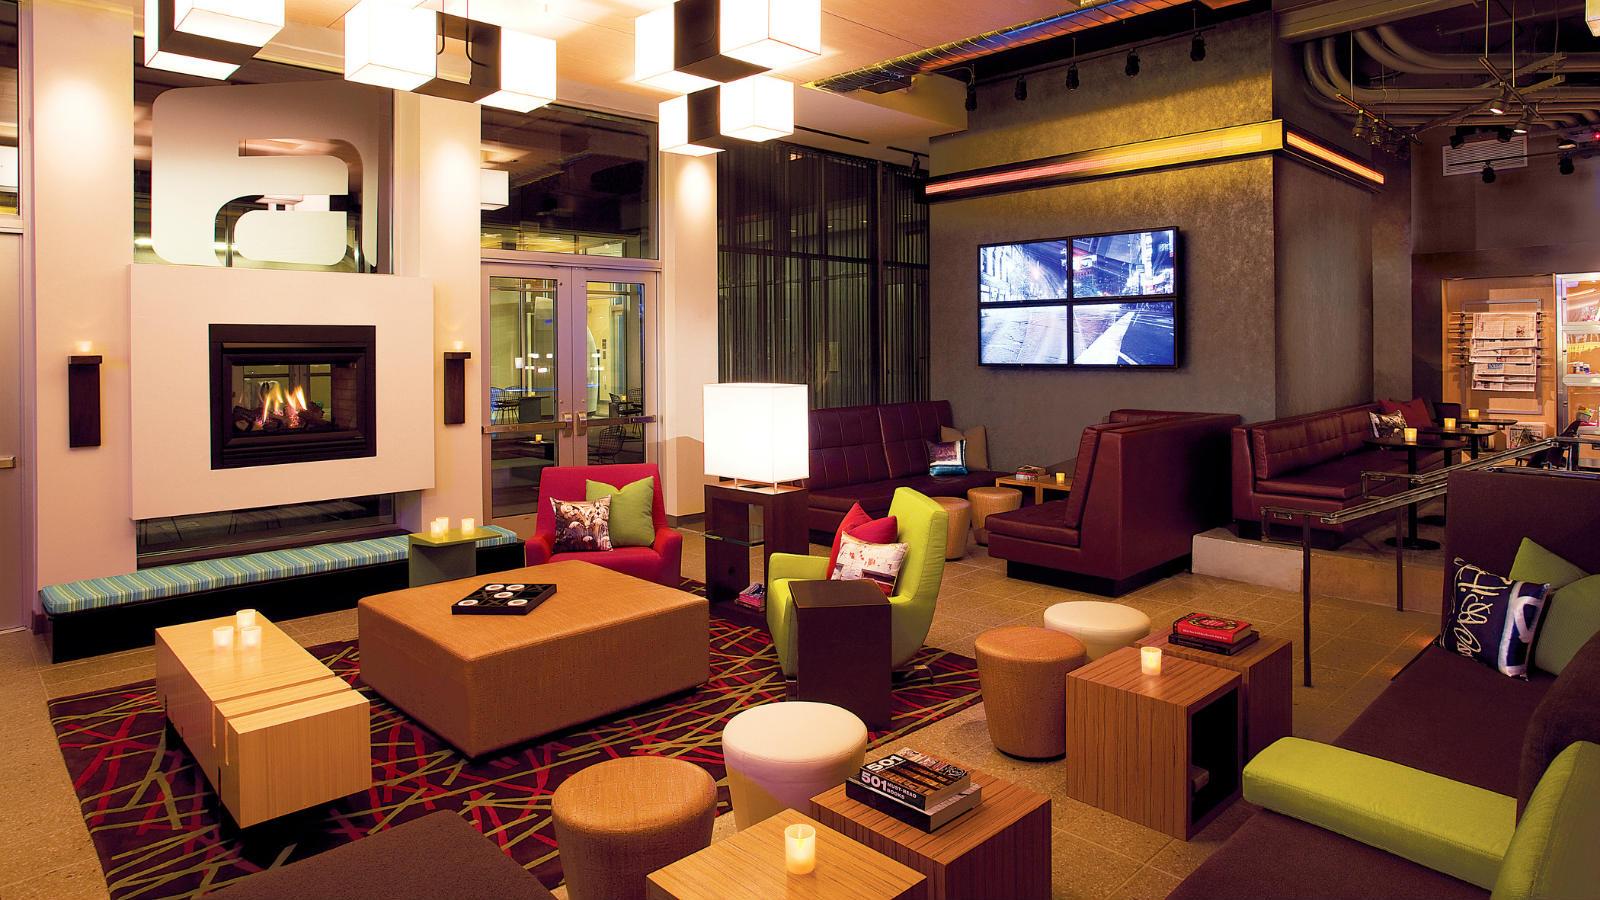 Aloft Sarasota re:mix Lounge